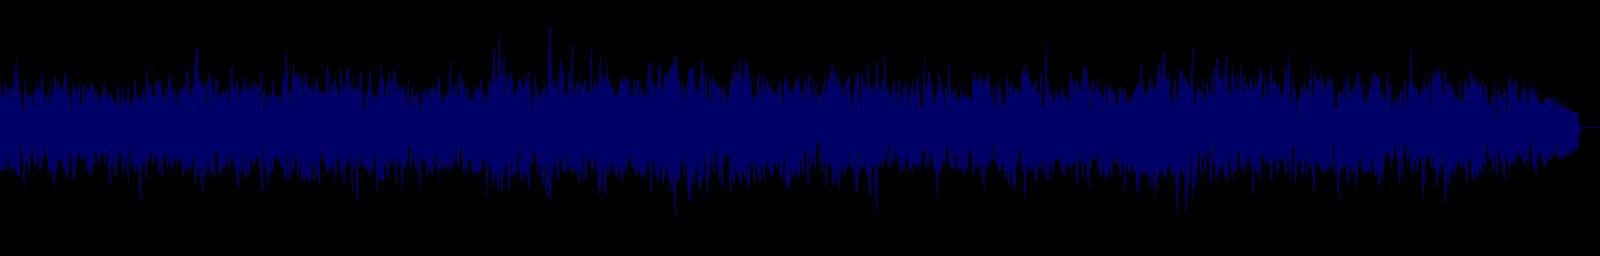 waveform of track #129525